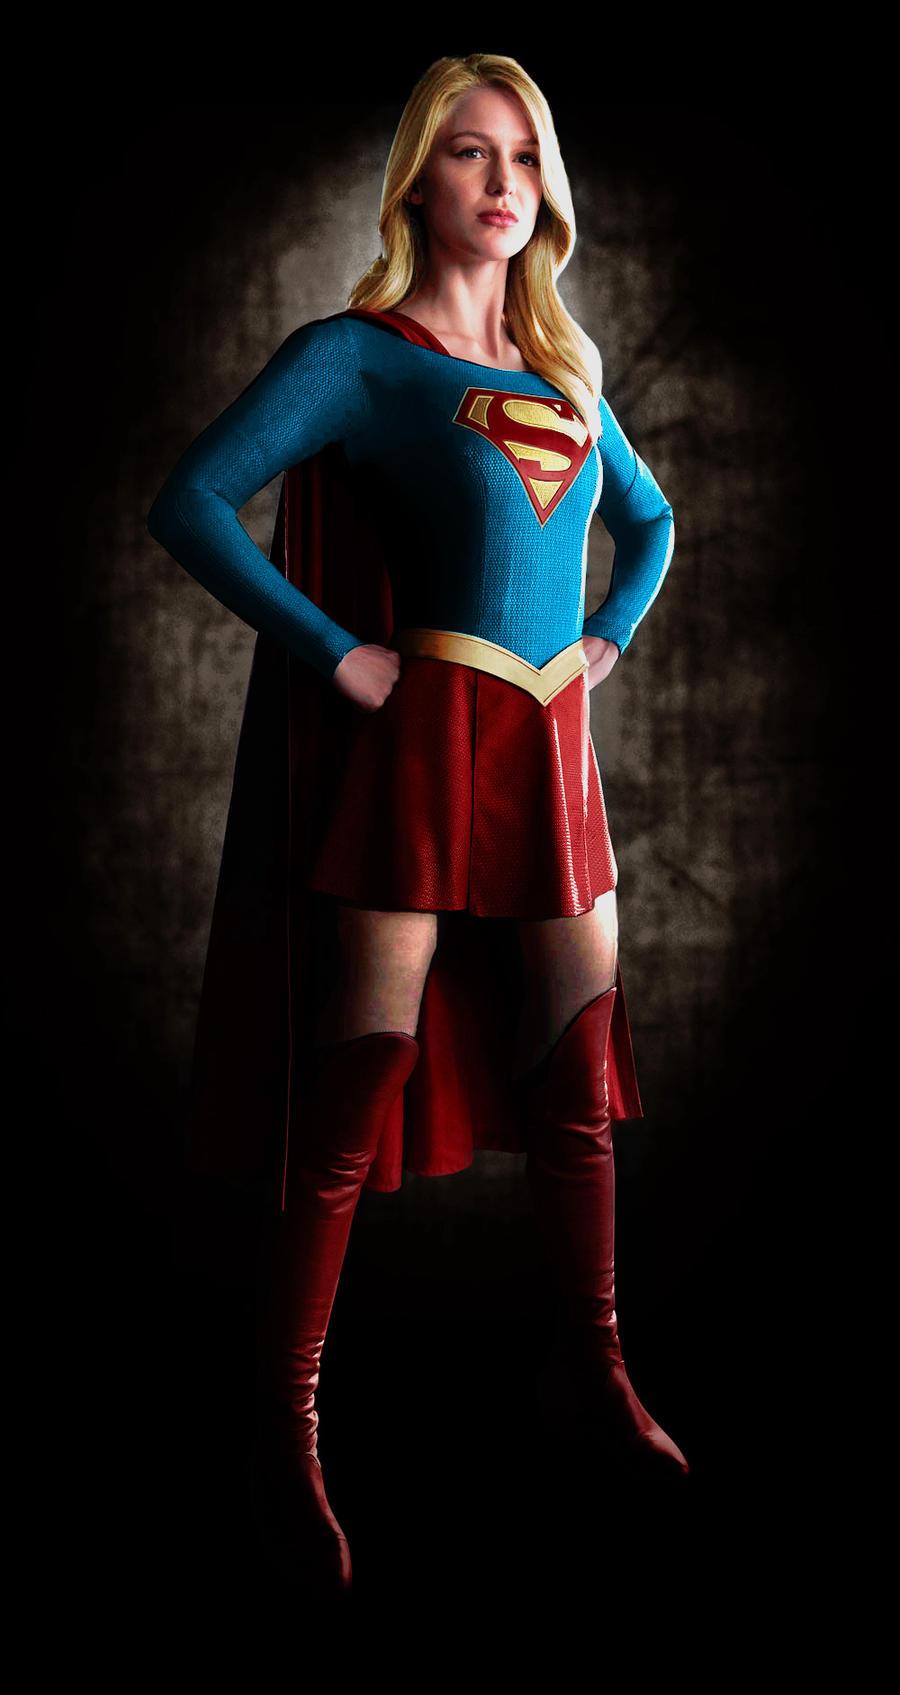 Are Supergirl melissa benoist xxx